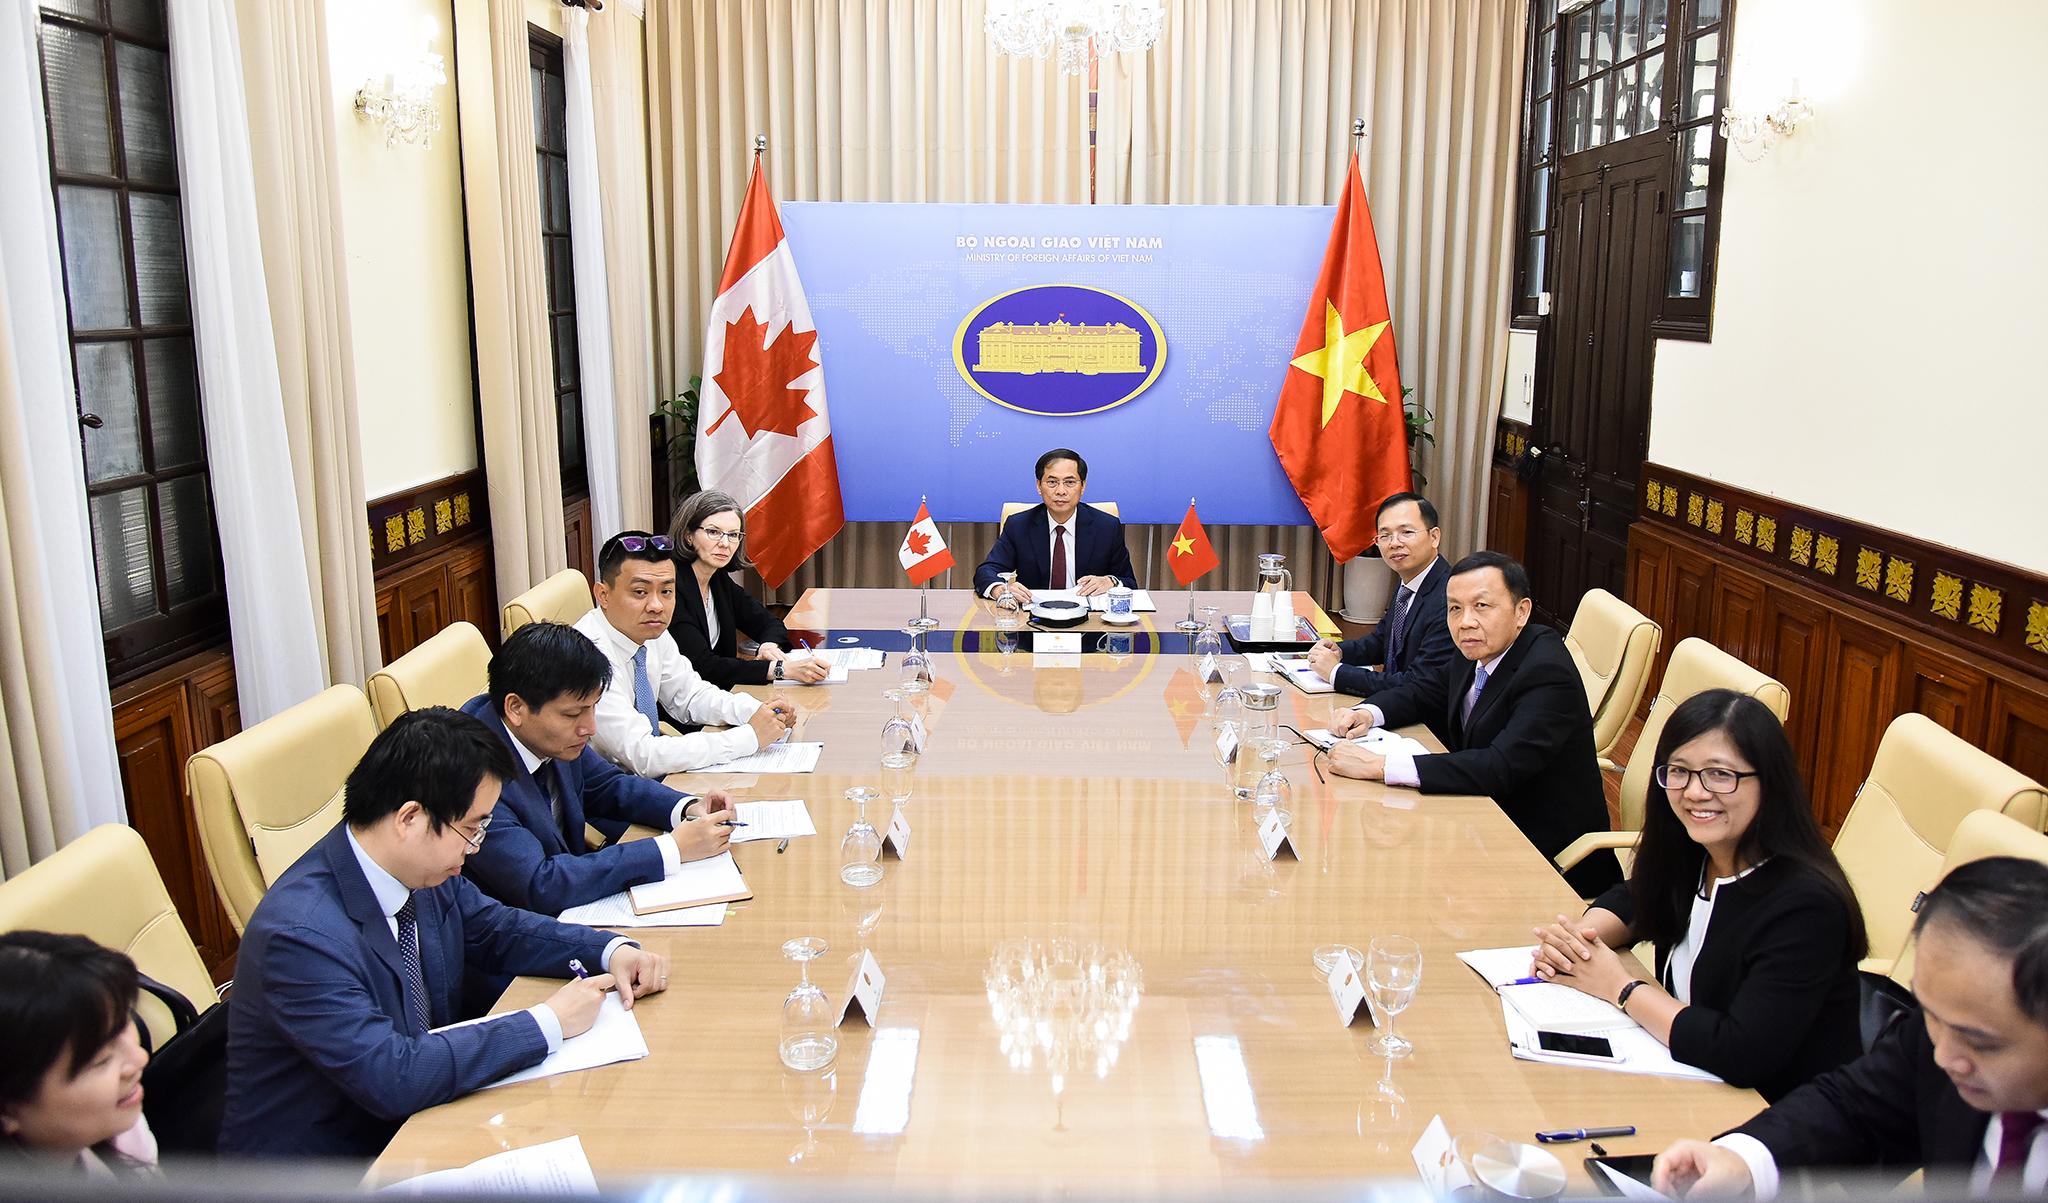 Tham khảo chính trị cấp Thứ trưởng Ngoại giao Việt Nam – Canada